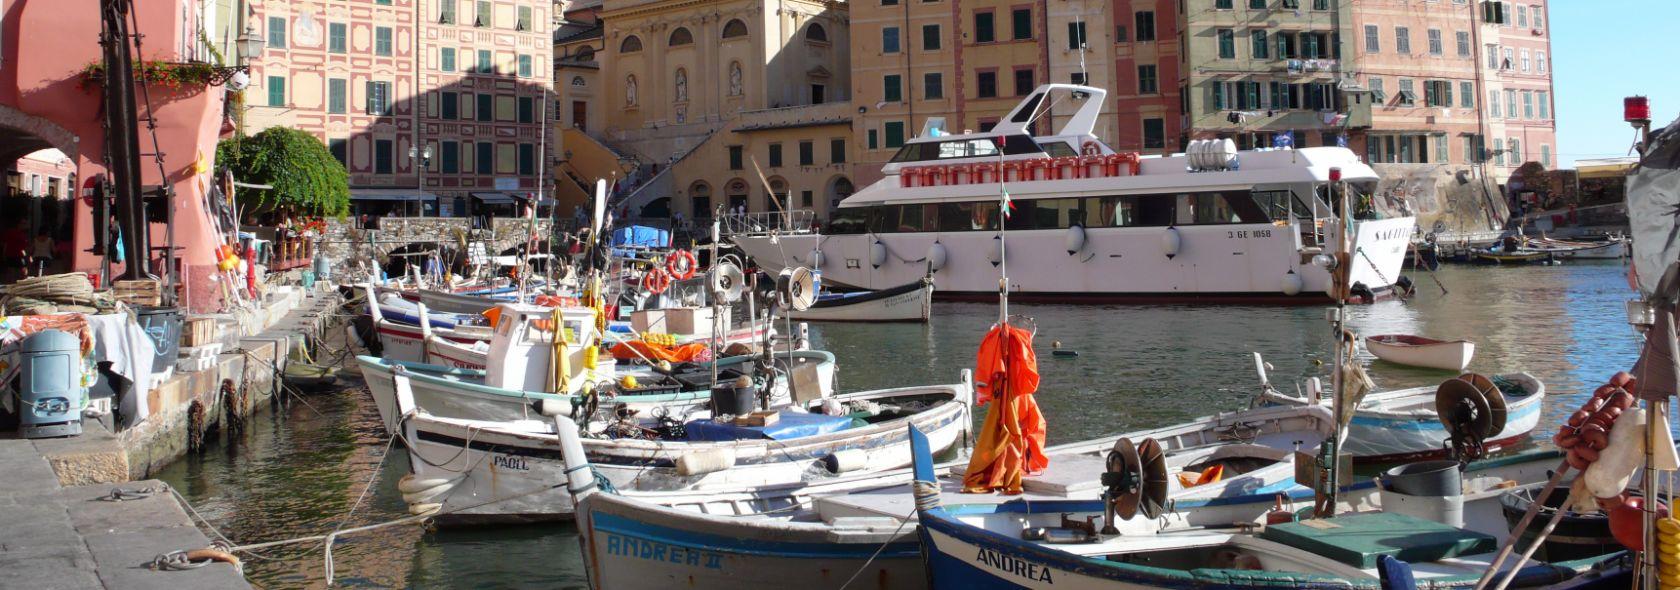 Camogli - Foto Ufficio Comunicazione Città Metropolitana di Genova